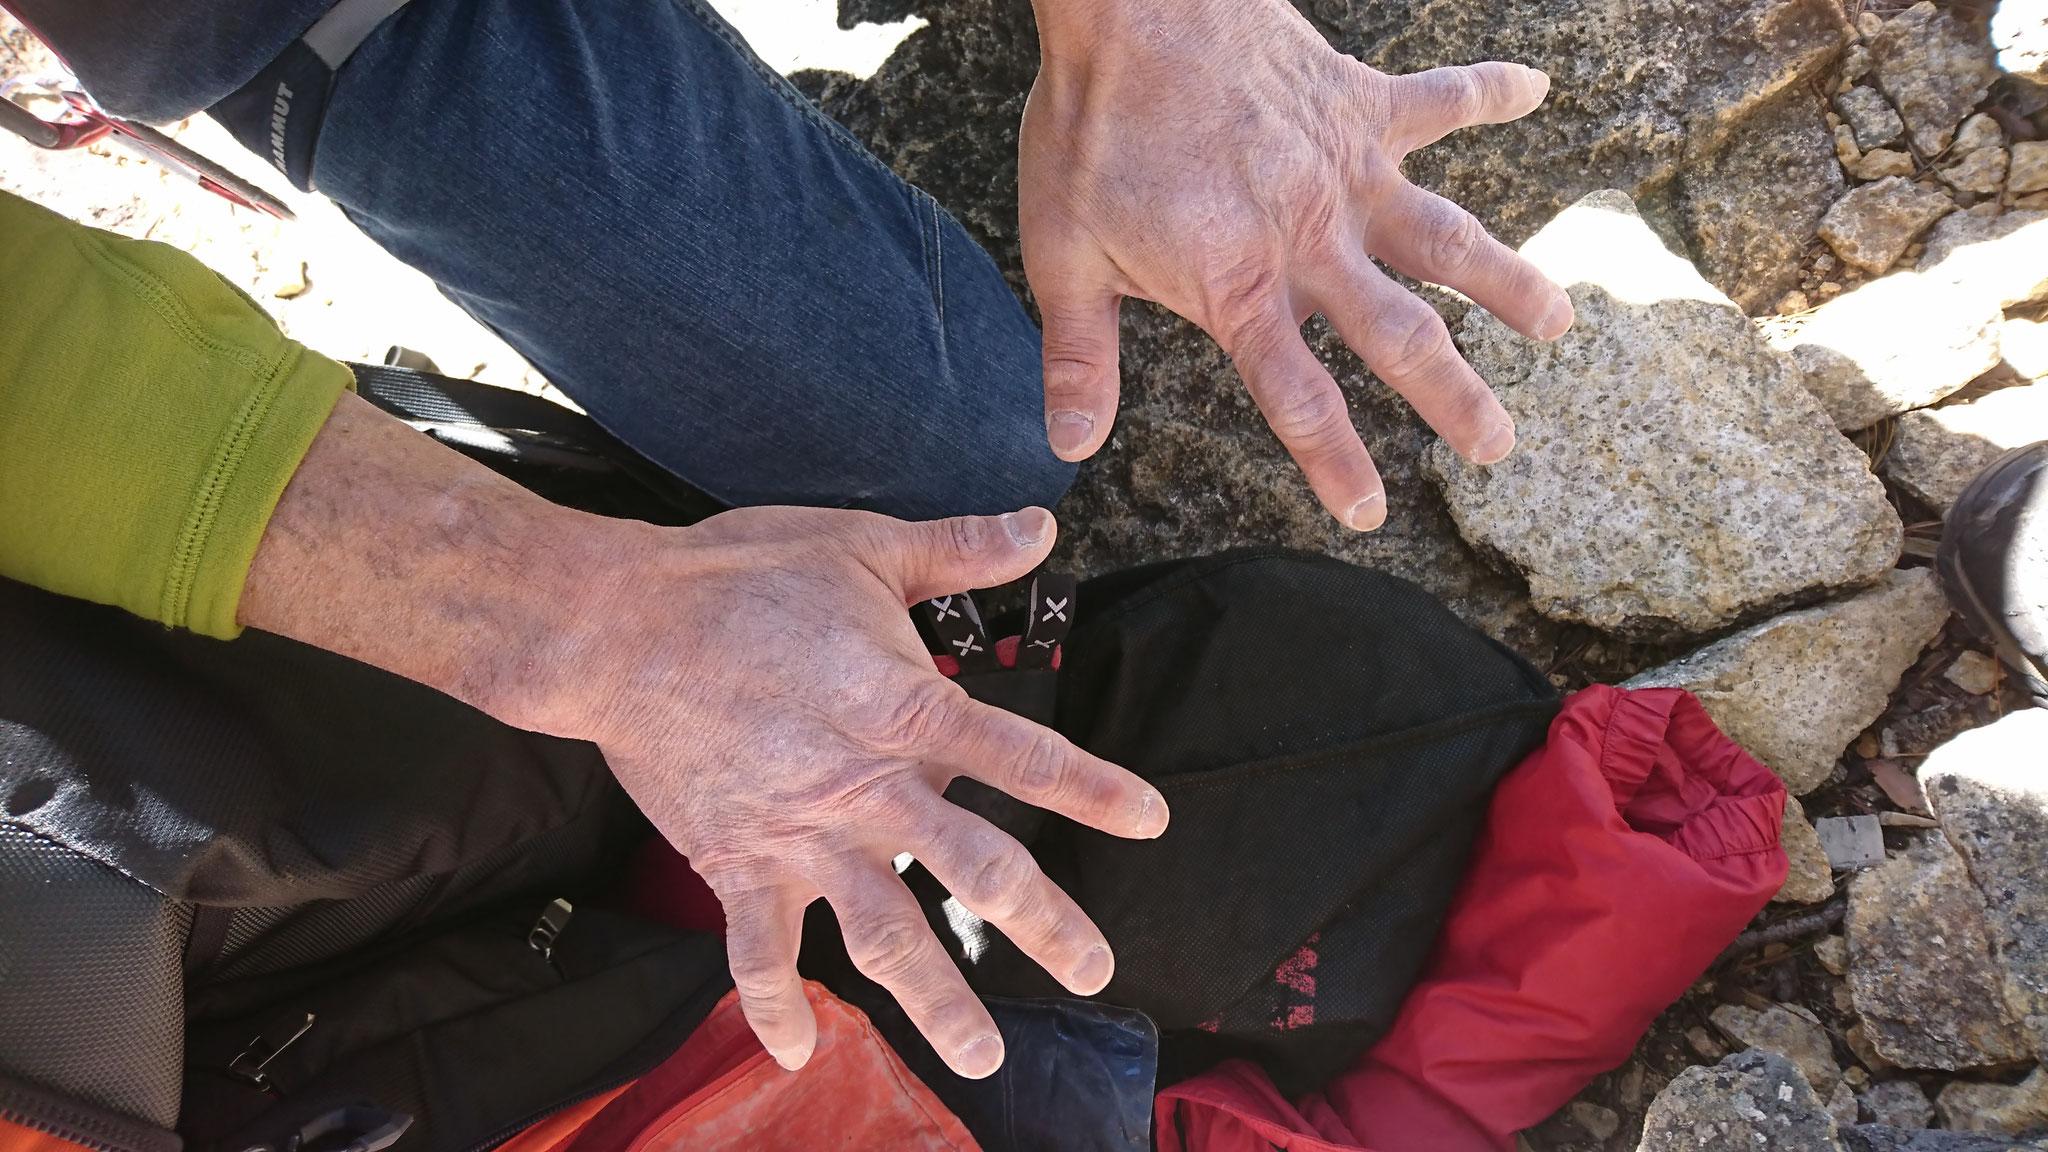 杉野さんの手、超人ハルクのような・・・・